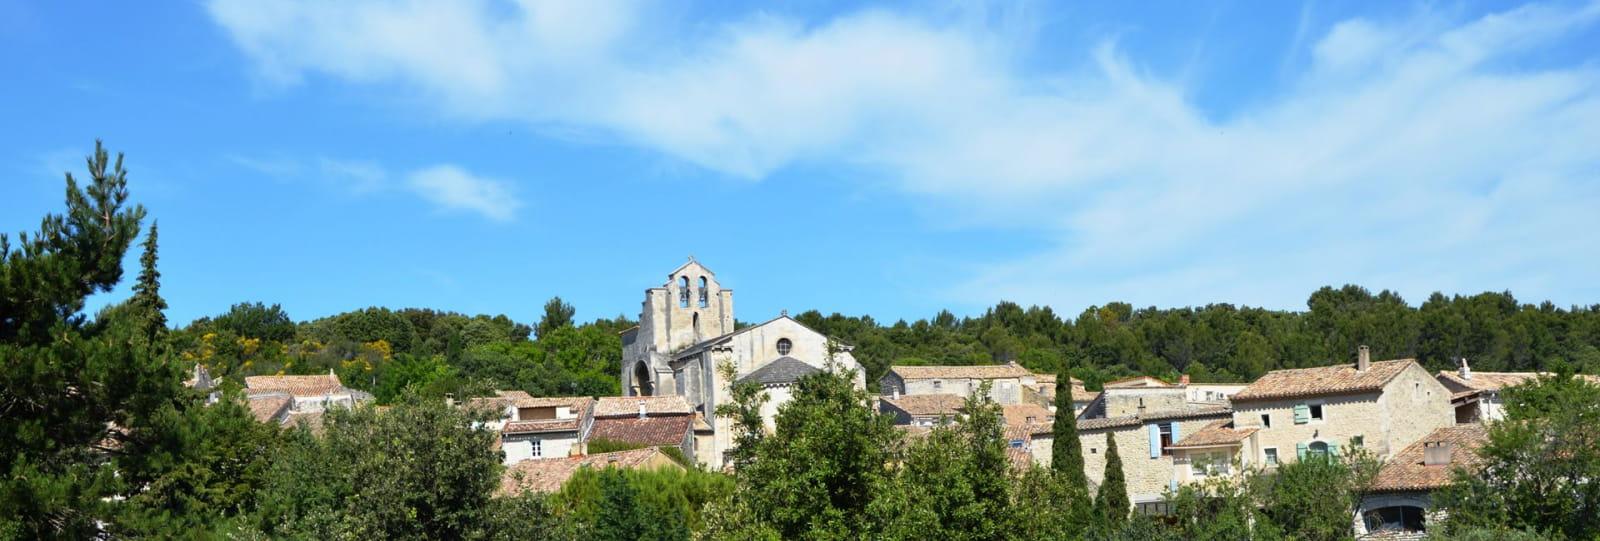 Eglise de style roman provençal